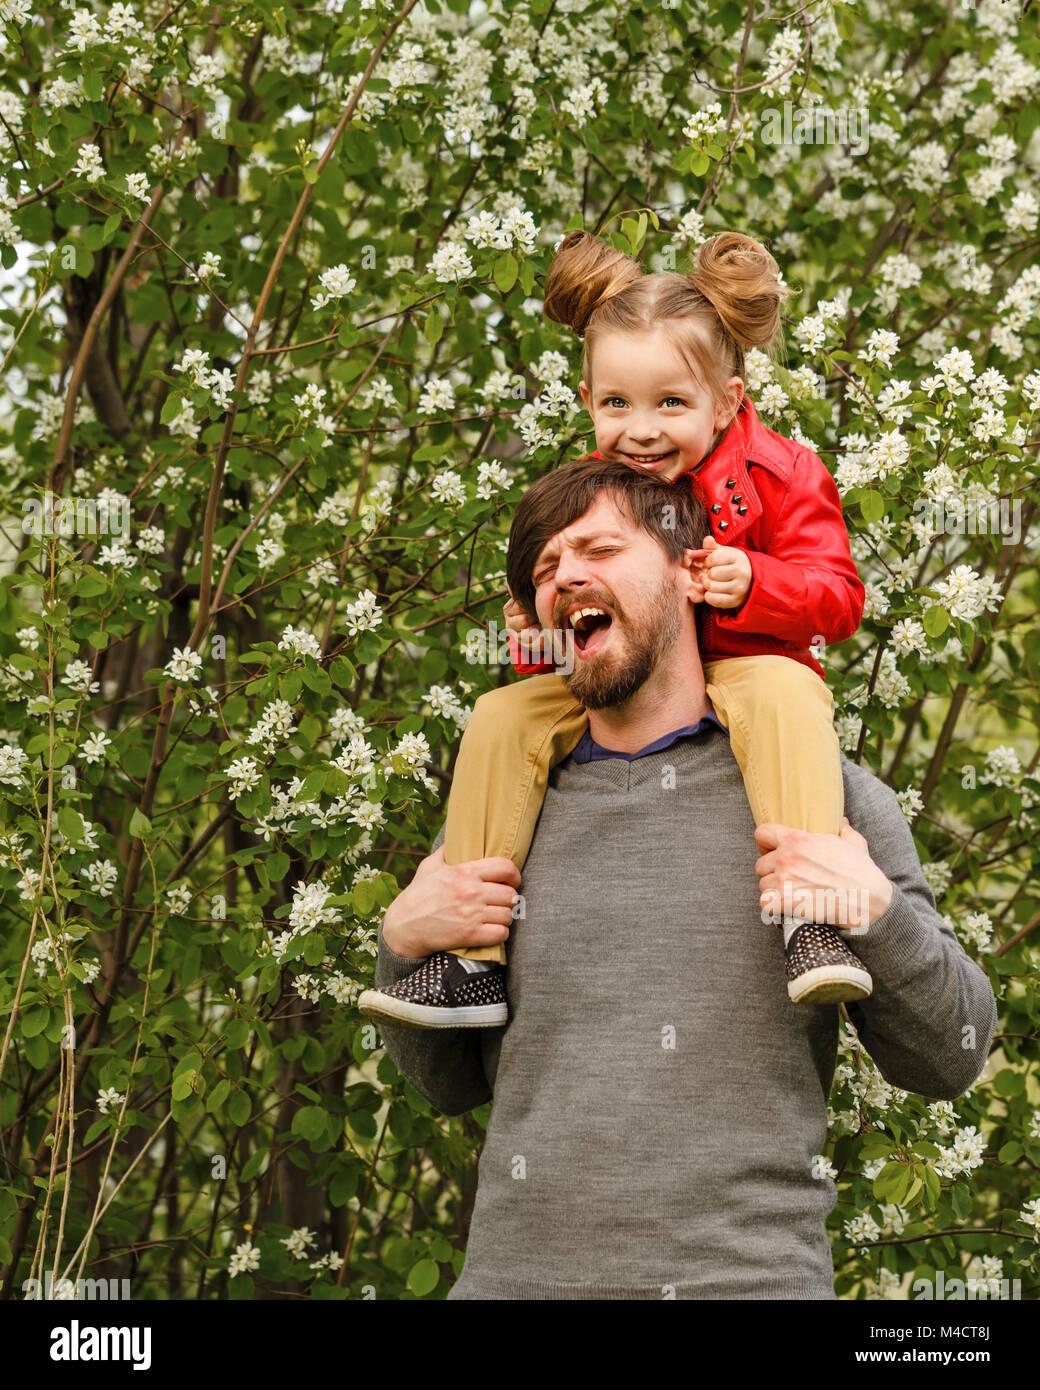 El tiempo de la familia. El padre tiene sobre sus hombros una pequeña hija en una chaqueta de cuero. Piggyback. Imagen De Stock